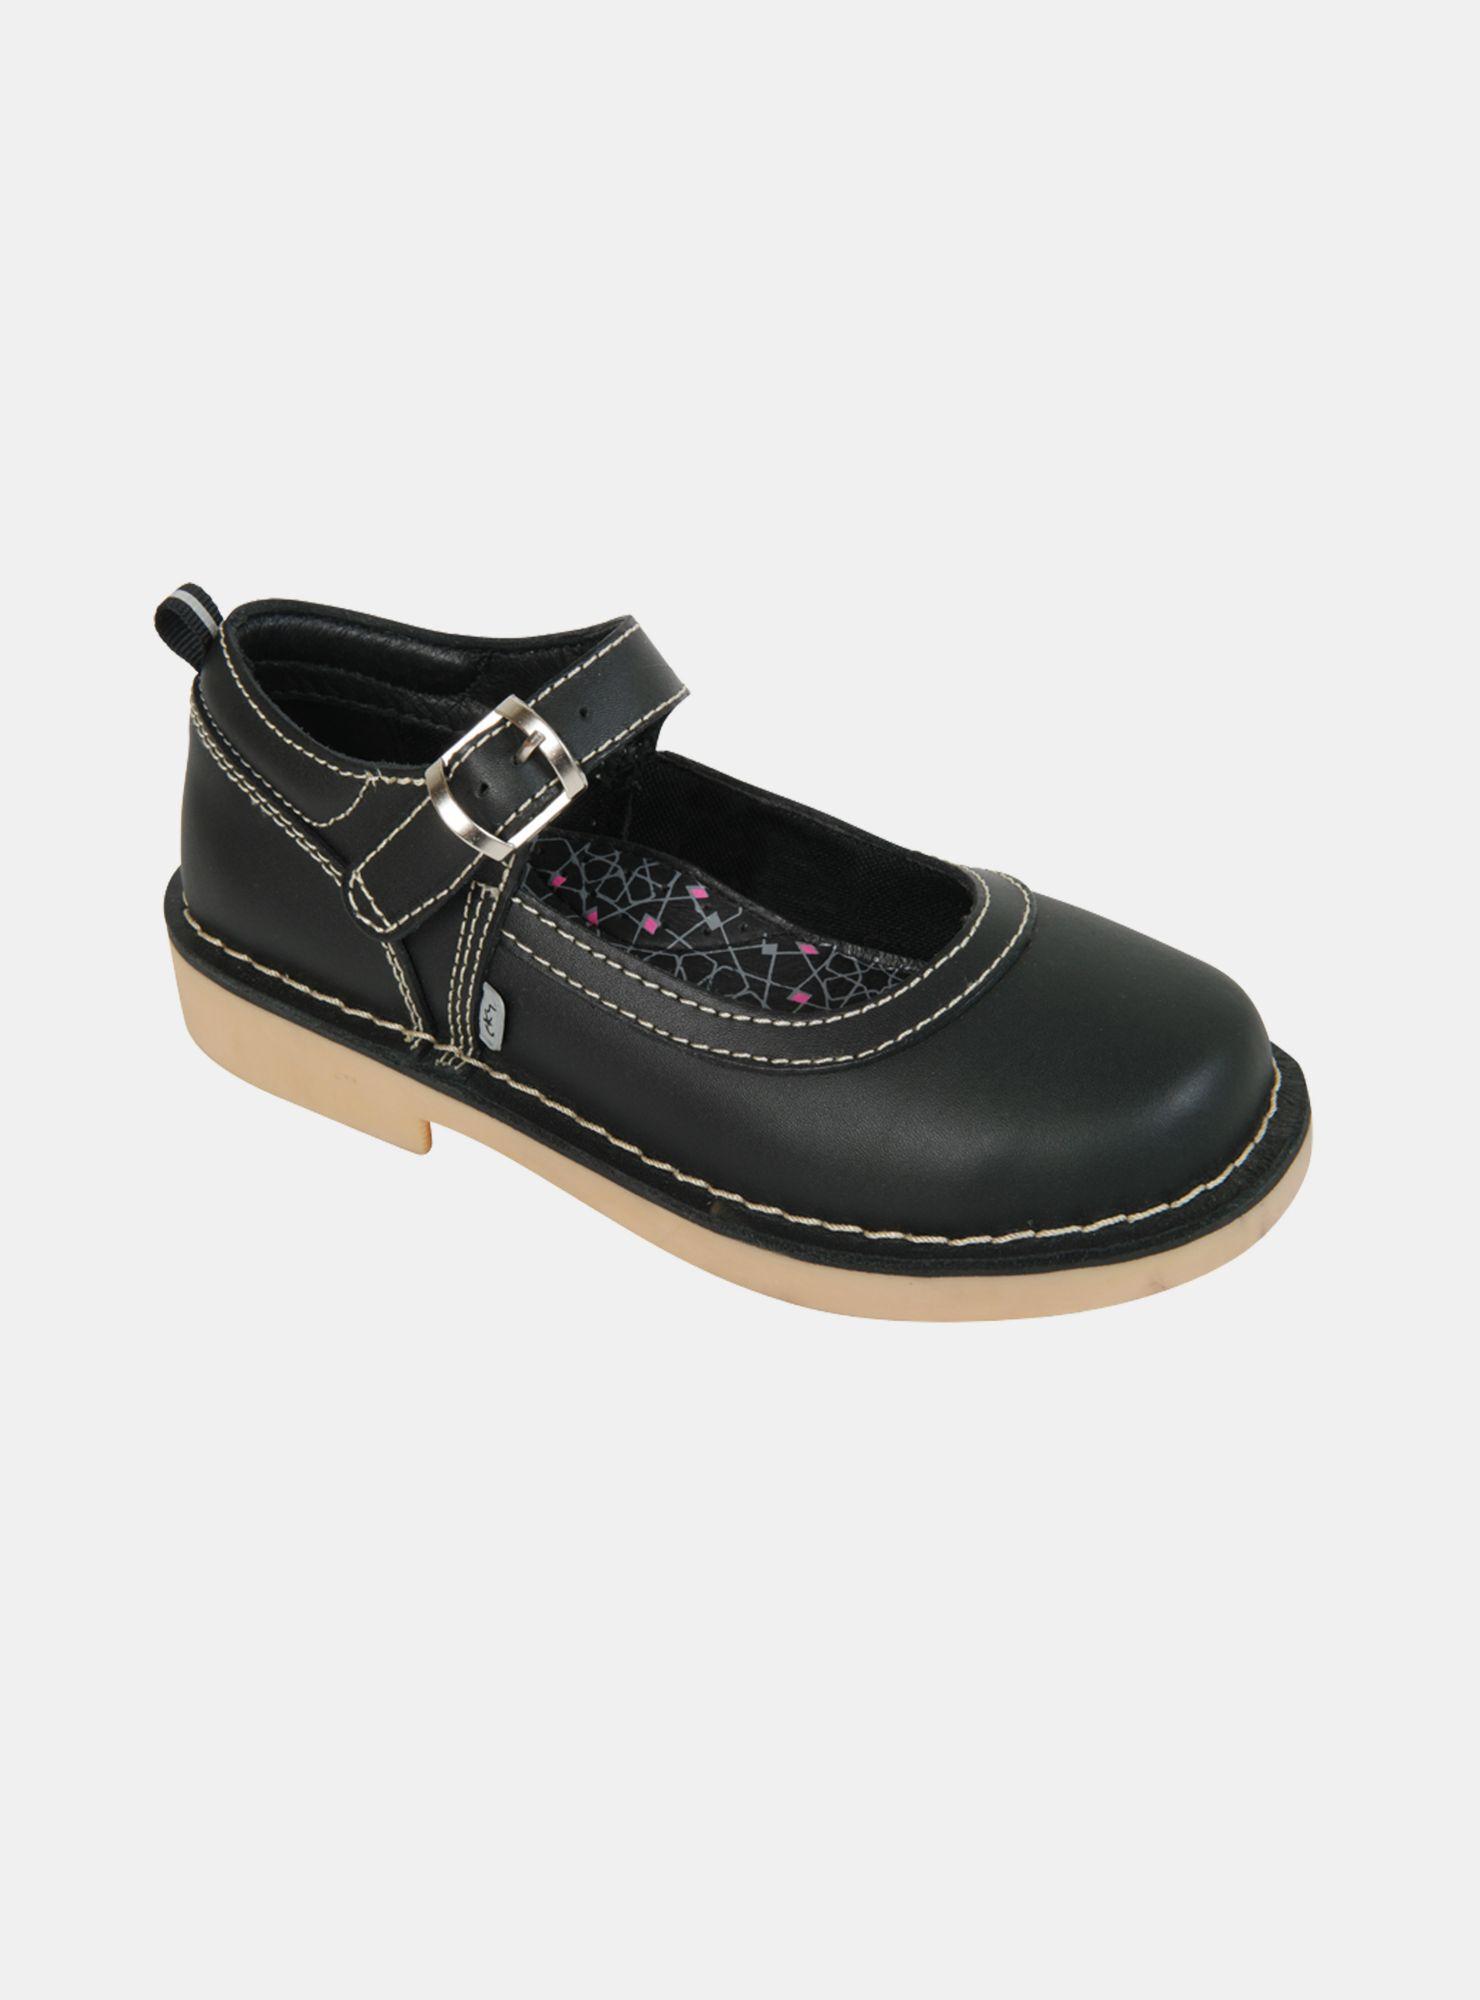 Modelos Paris Los Que Prefieren cl Niñas Zapatos Ellas Y6TxFyw